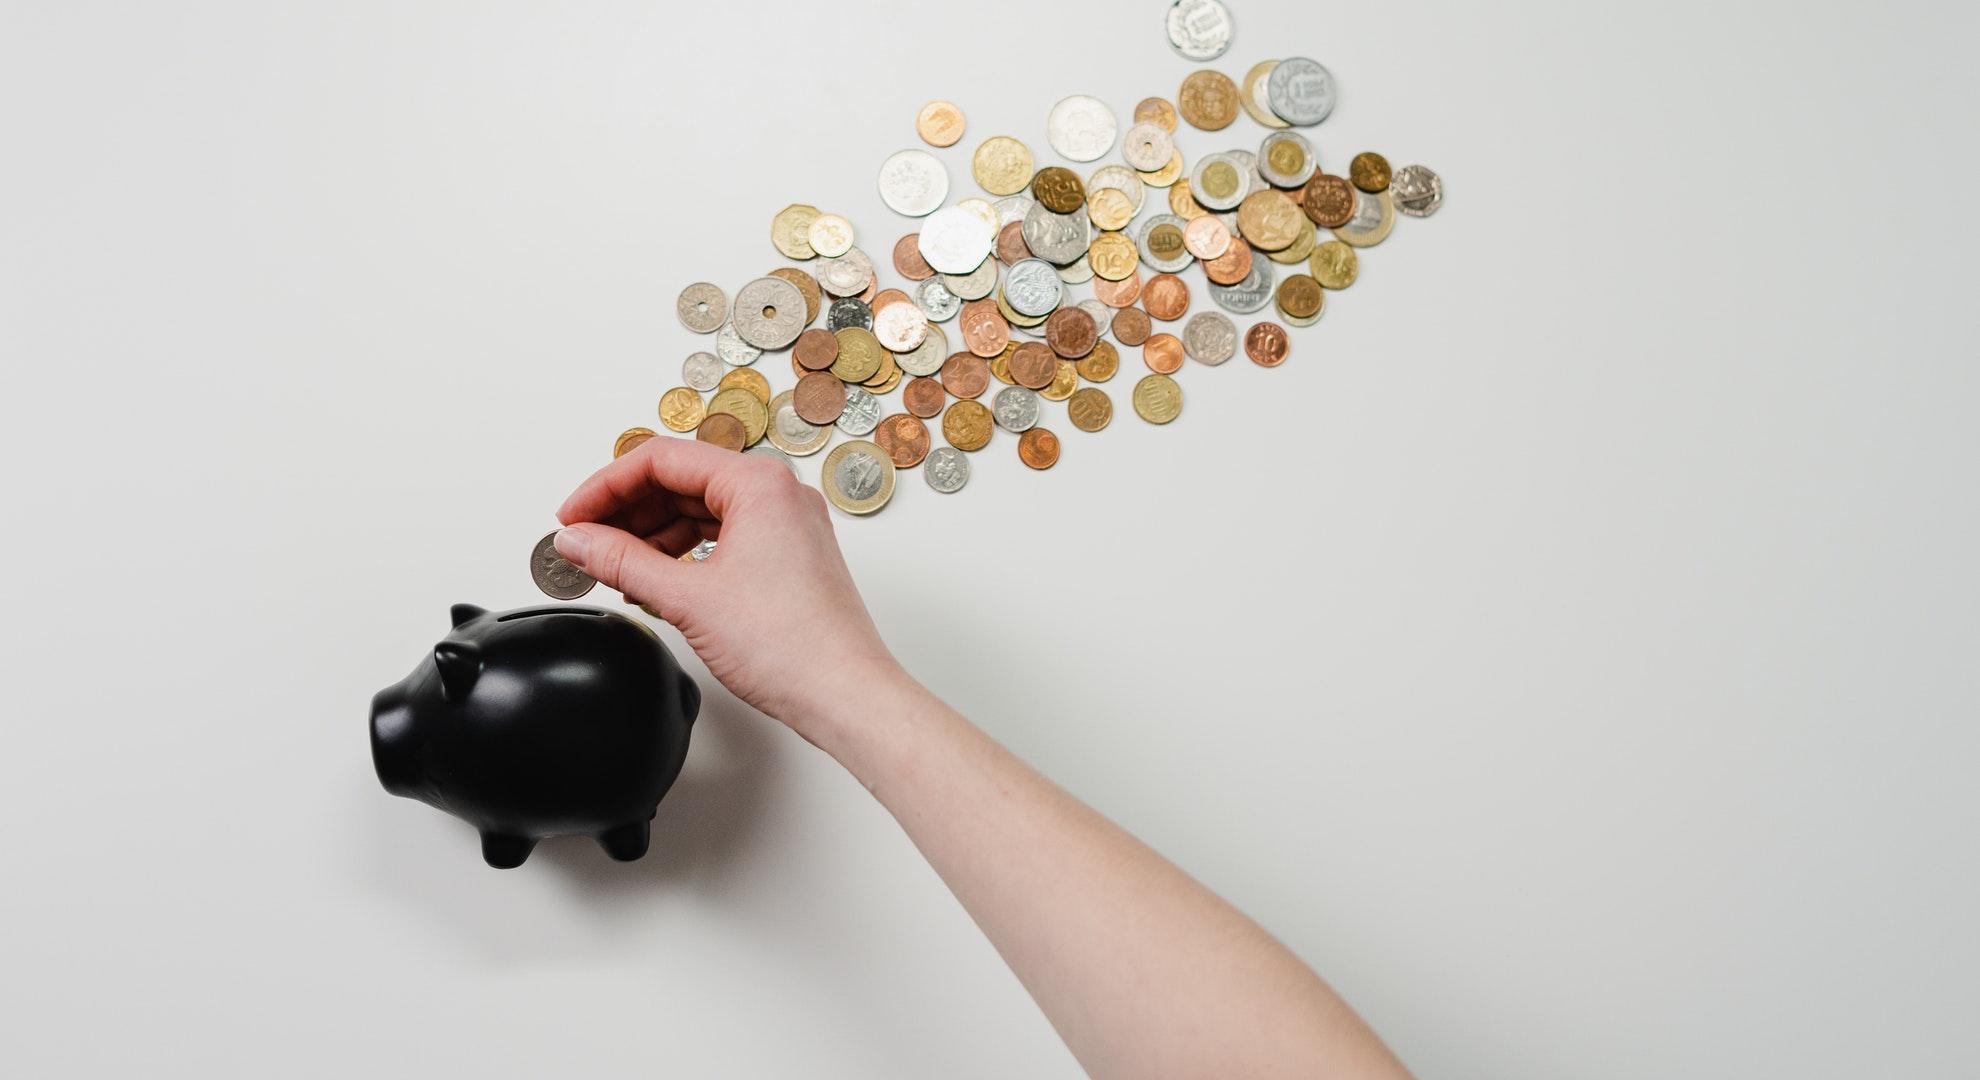 全く節約していない9月の家計簿(収入・支出・資産運用)